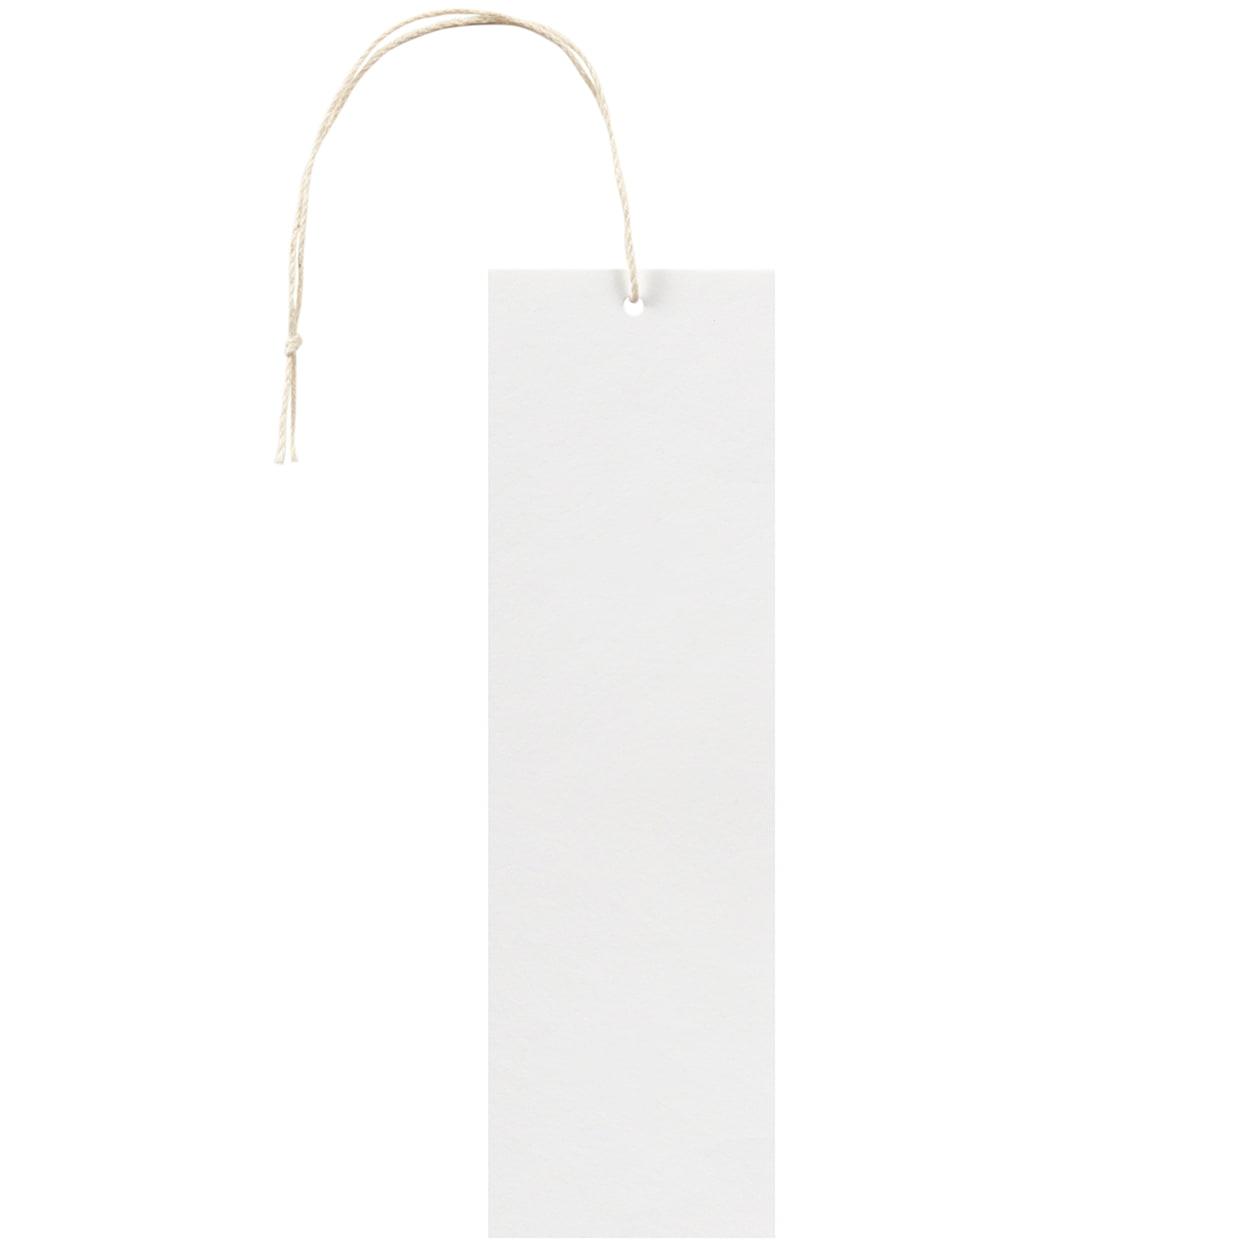 タグ45×150四角形 コットンスノーホワイト 232.8g タグ紐(細)コットン生成